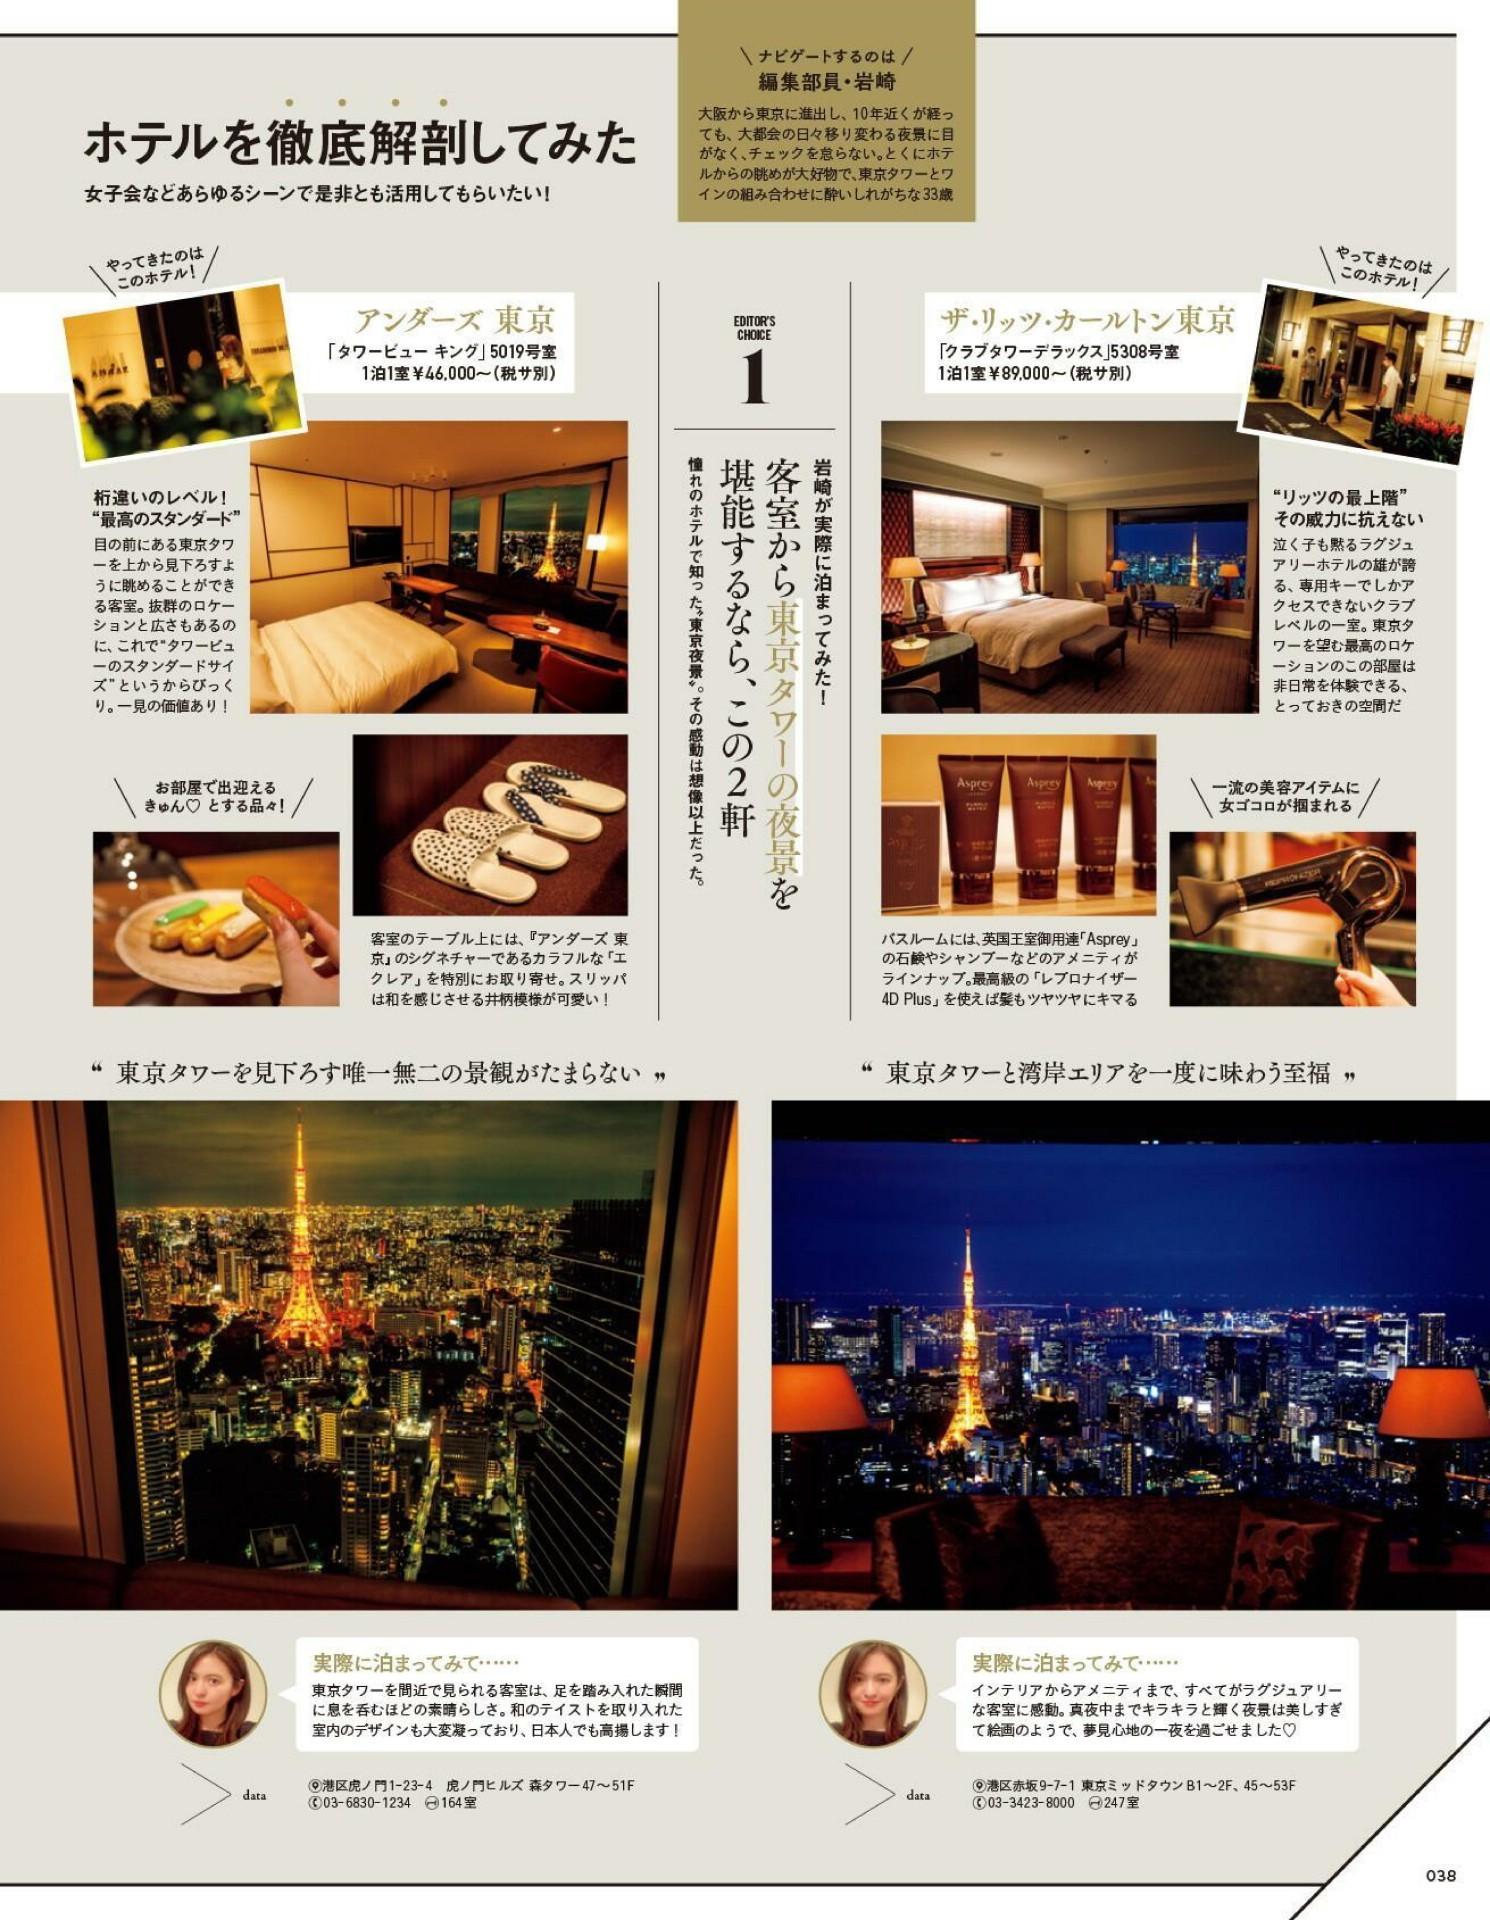 Tokyo Calendar 2020-09_imgs-0038